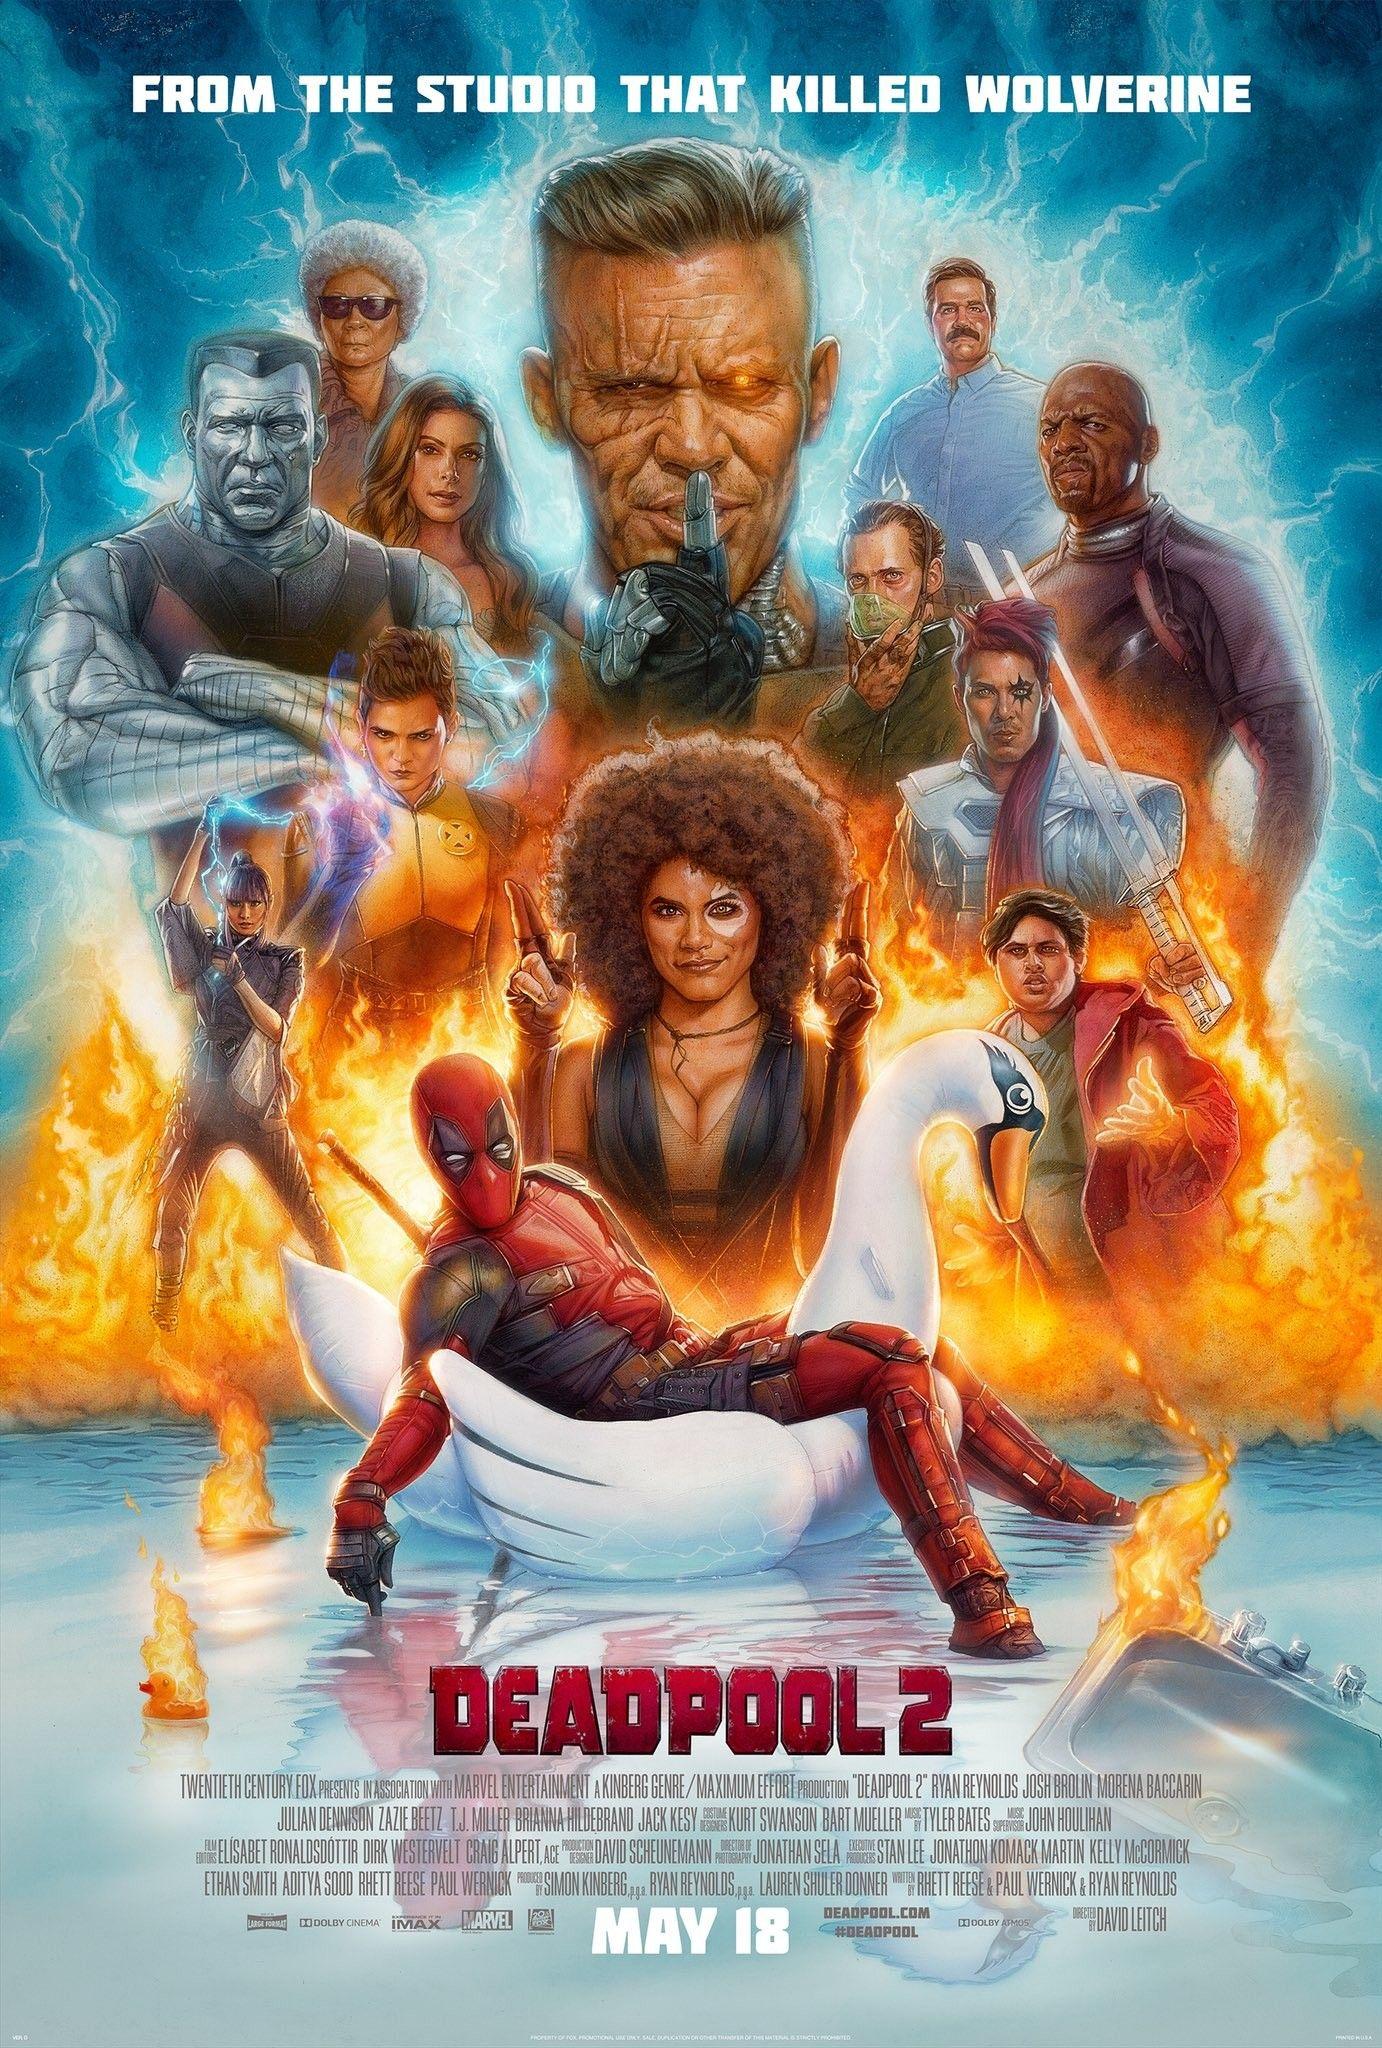 Fox Acaba De Publicar El Cartel Final De Deadpool2 Protagonizada Por Ryanreynolds Y Joshbrolin Excelsior Deadpool Pelicula Peliculas Marvel Peliculas